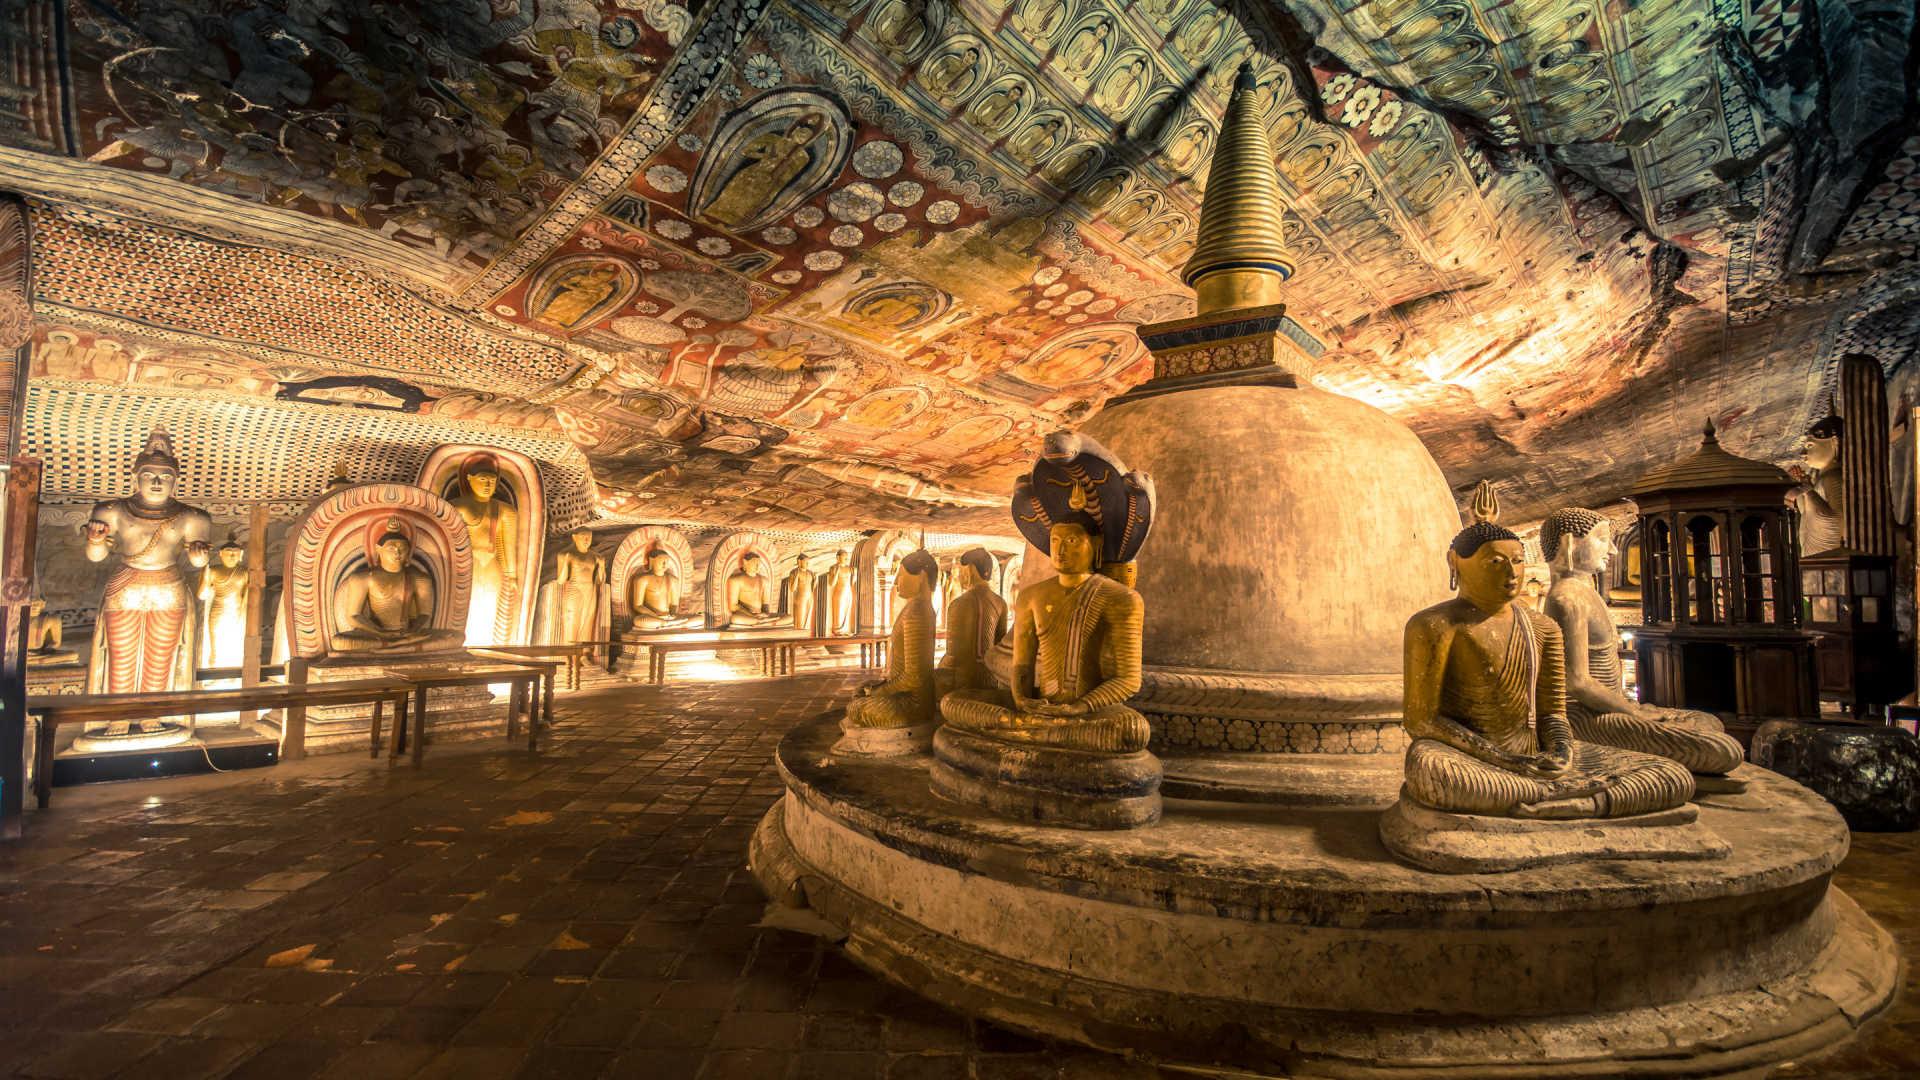 Anuradhapura and Dambulla